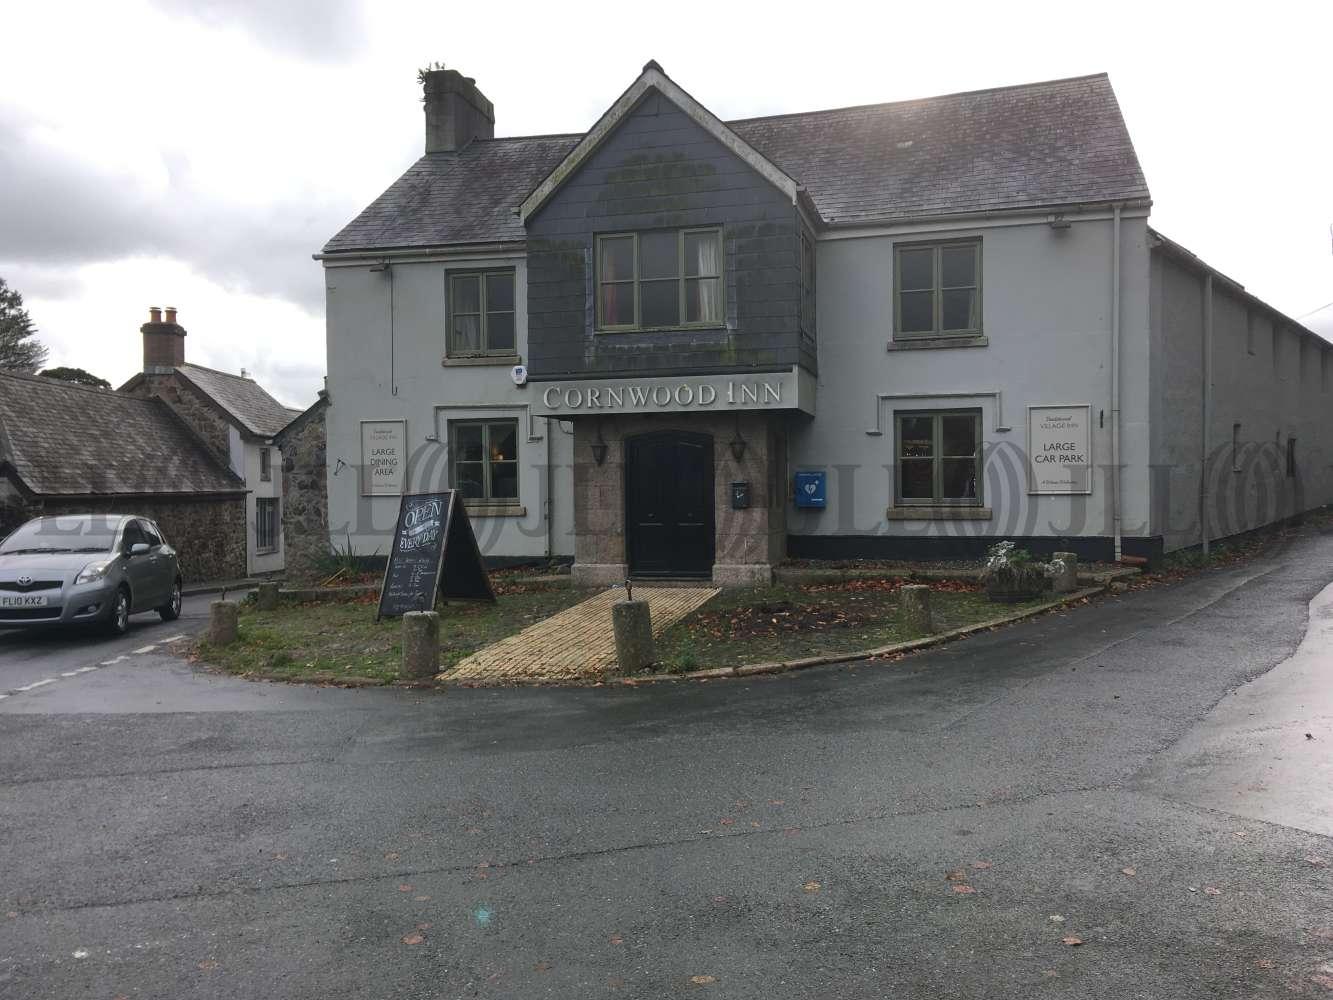 Pub Ivybridge, PL21 9PU - Cornwood Inn - 0741